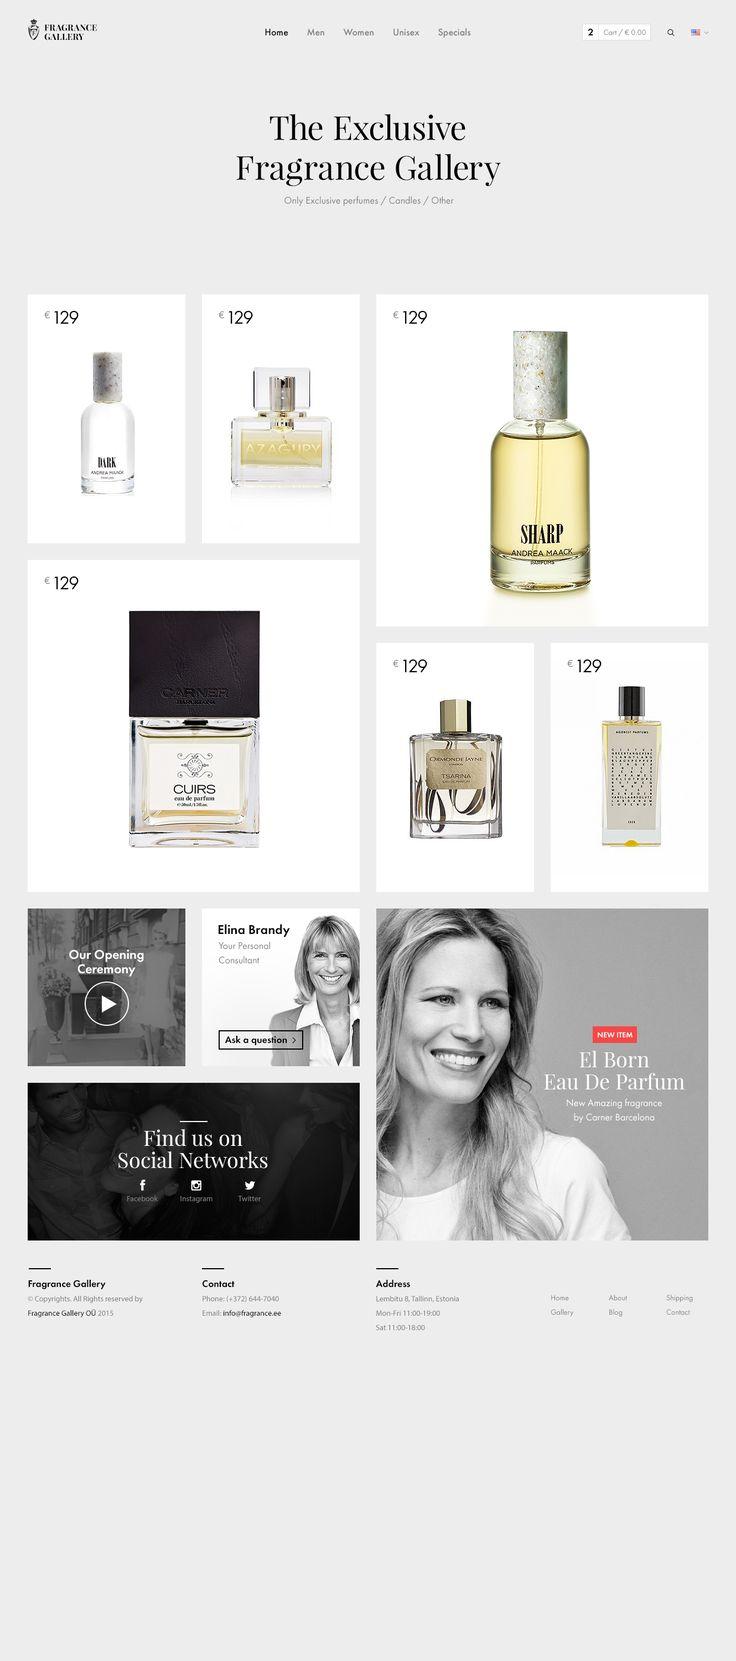 Fragrance Gallery Grid Based Website Design